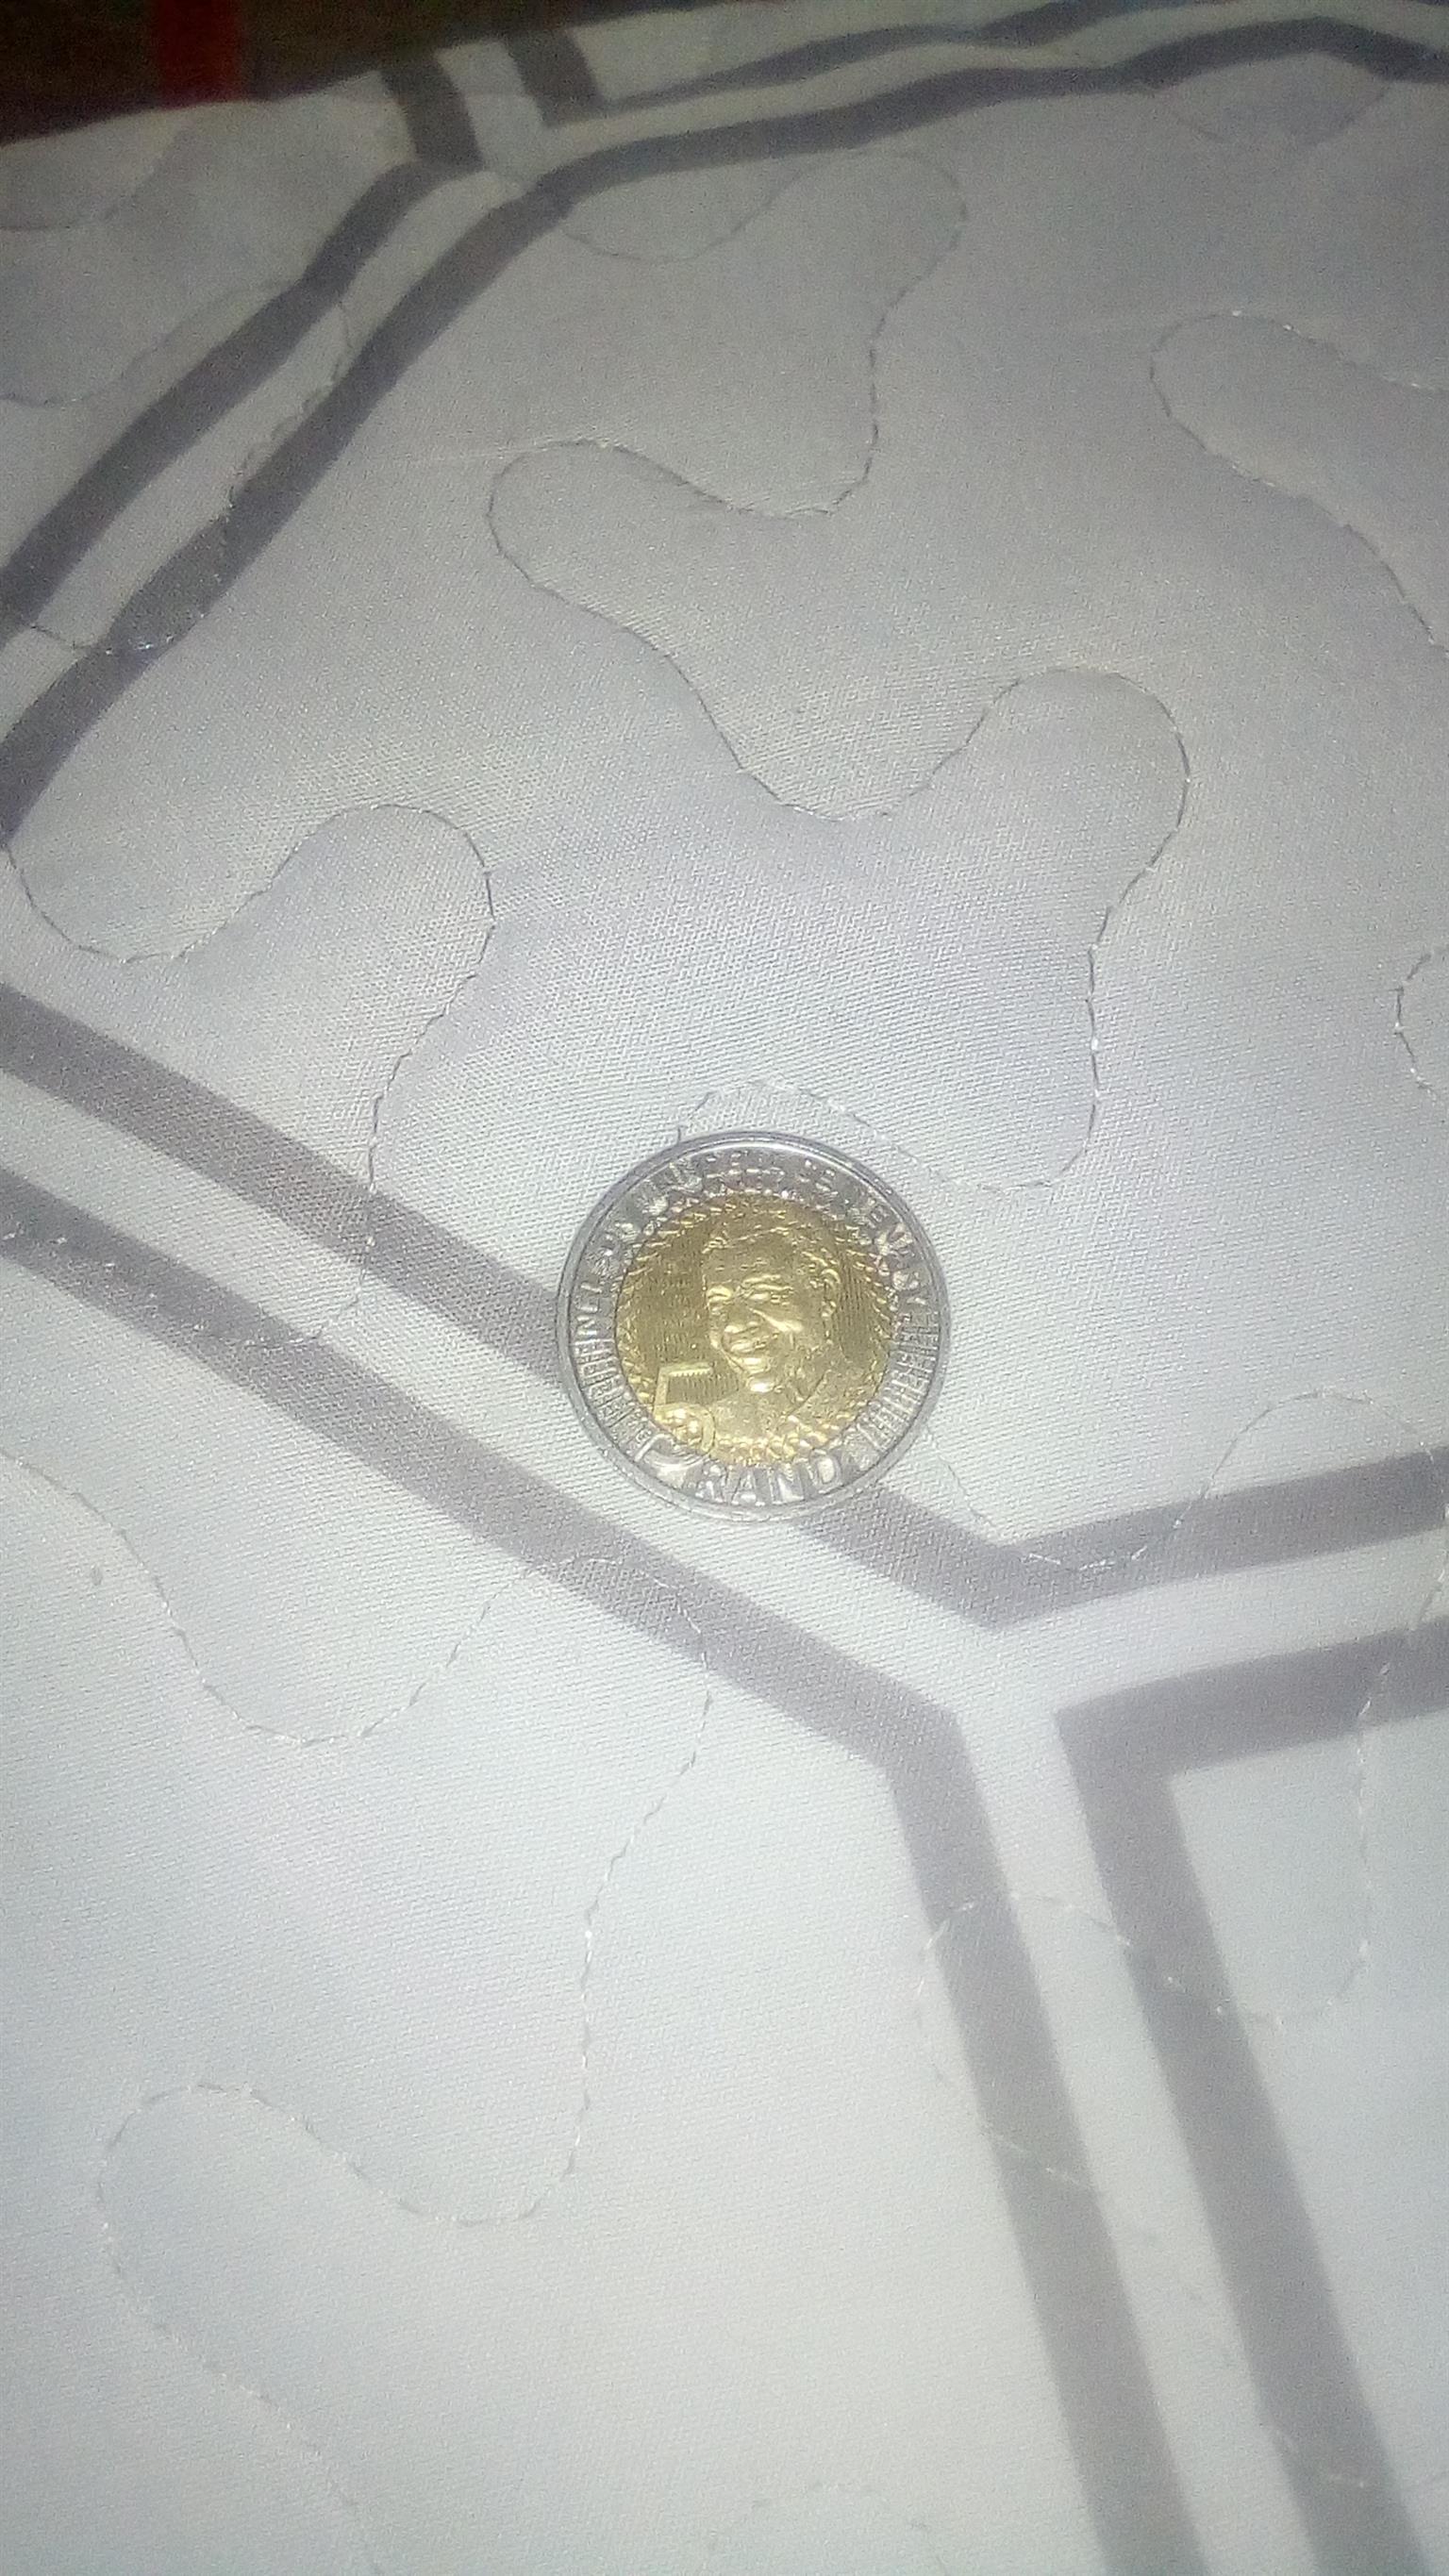 Selling Mandela 2018 coin